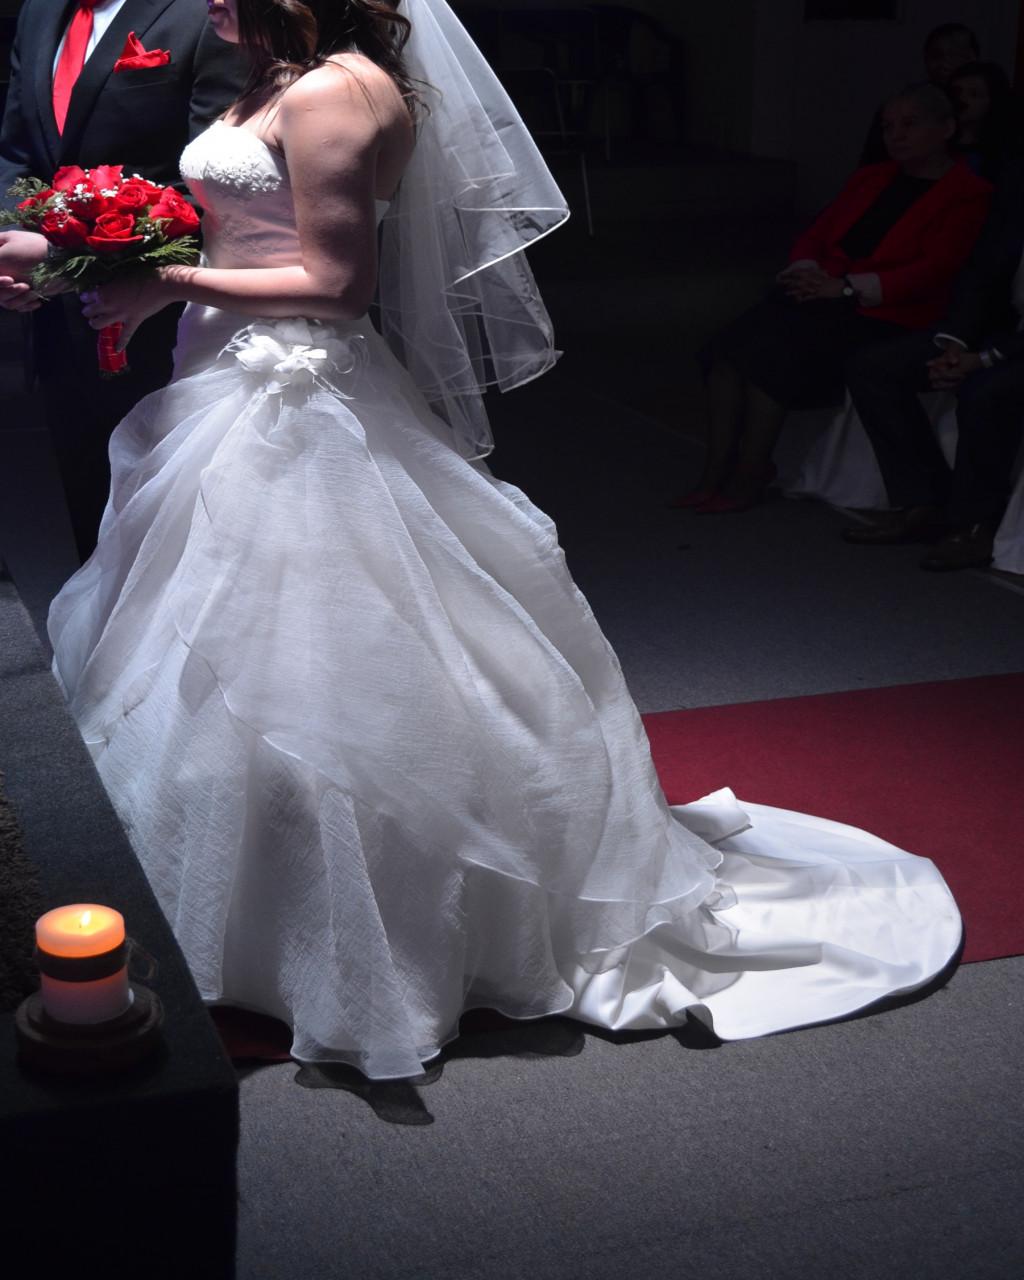 Limpiar vestido de novia en casa